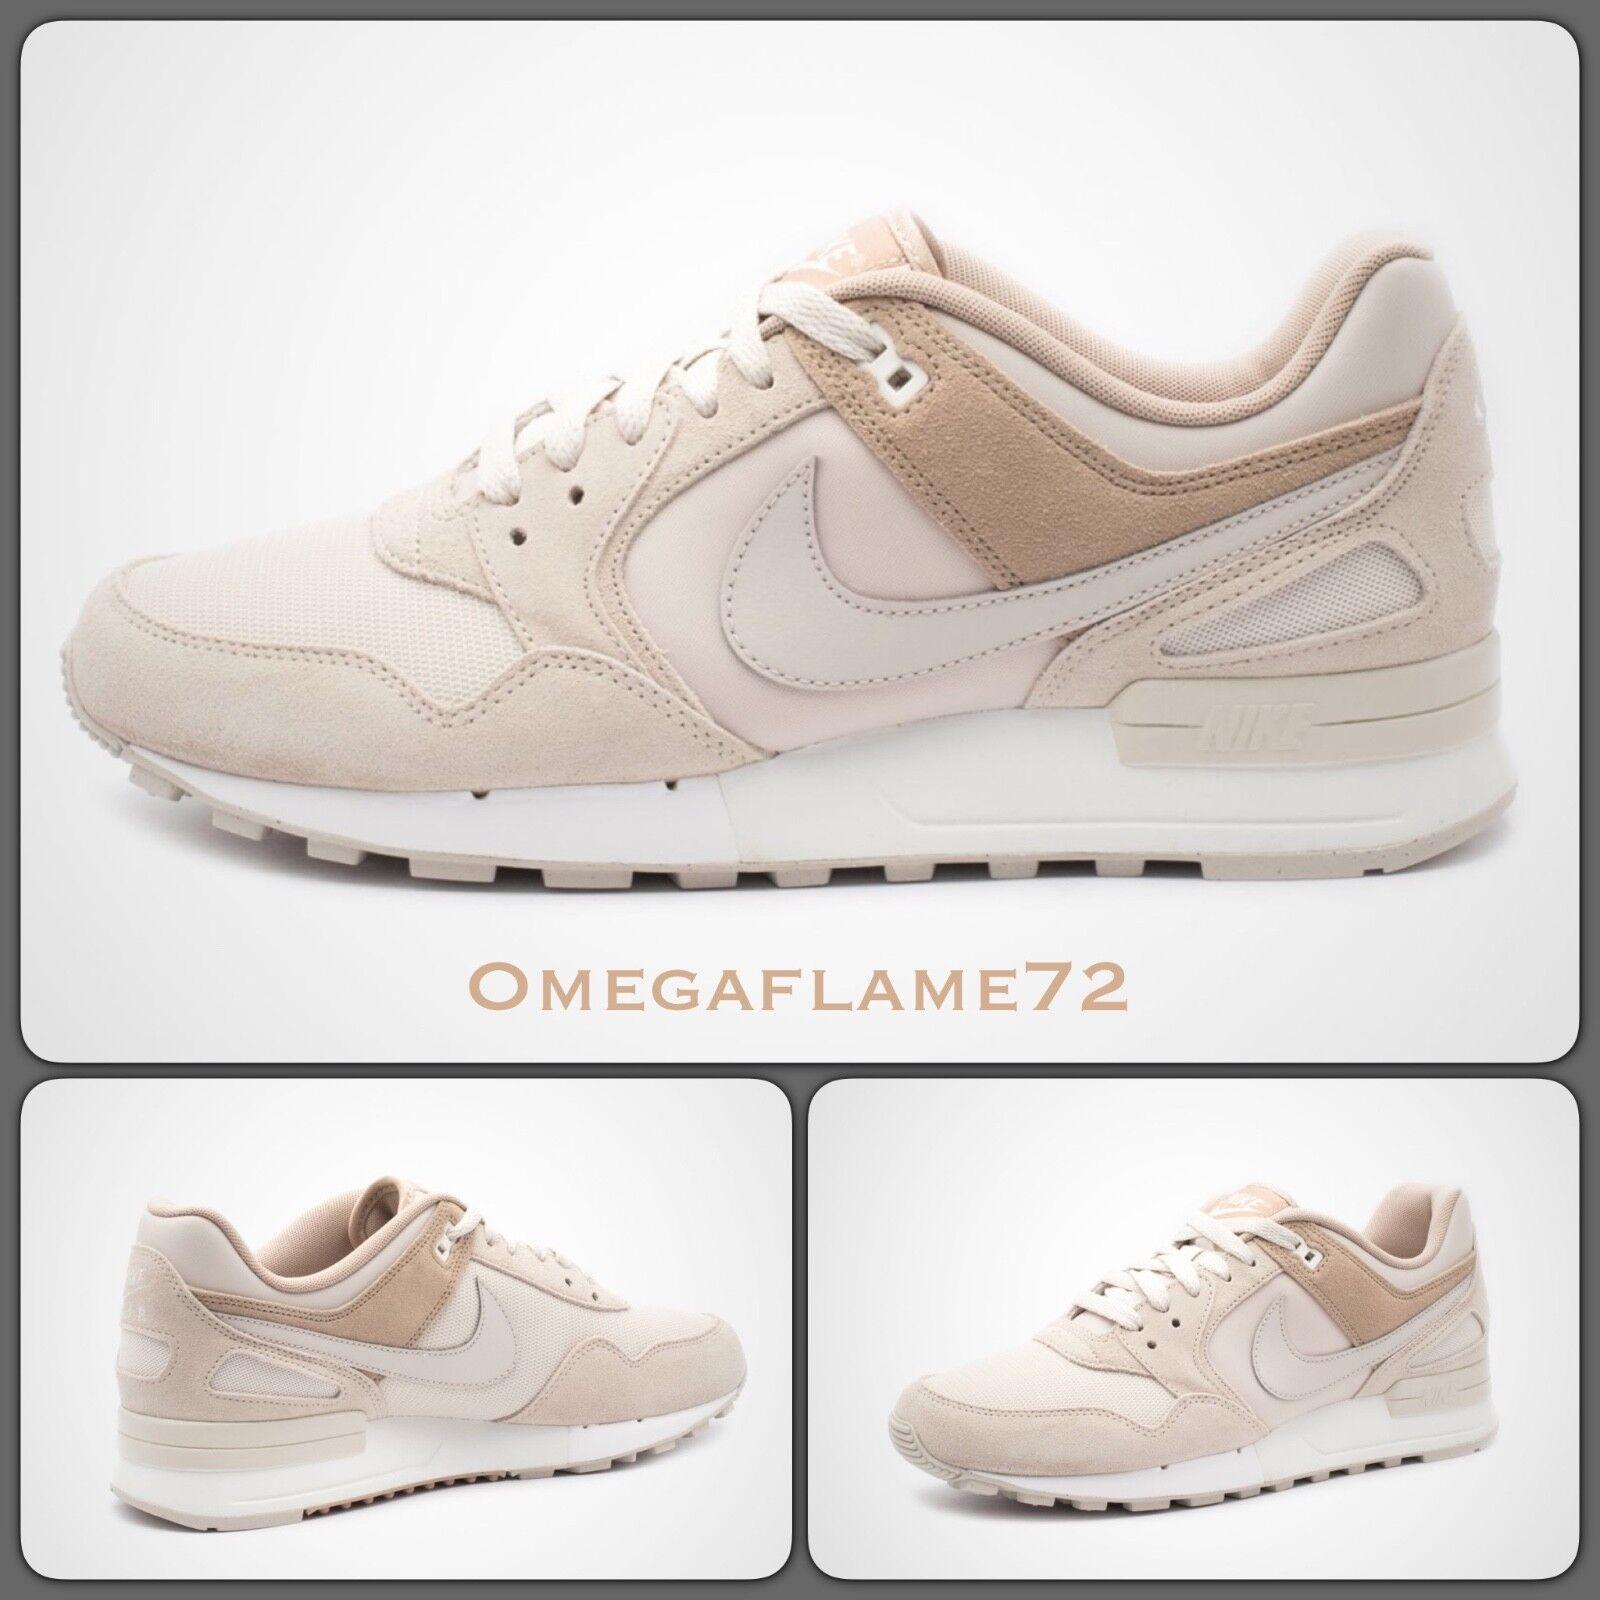 Nike Air Pegasus '89, Sz10.5, EU 45.5, US 11.5 344082-036, Desert Sand, Moca